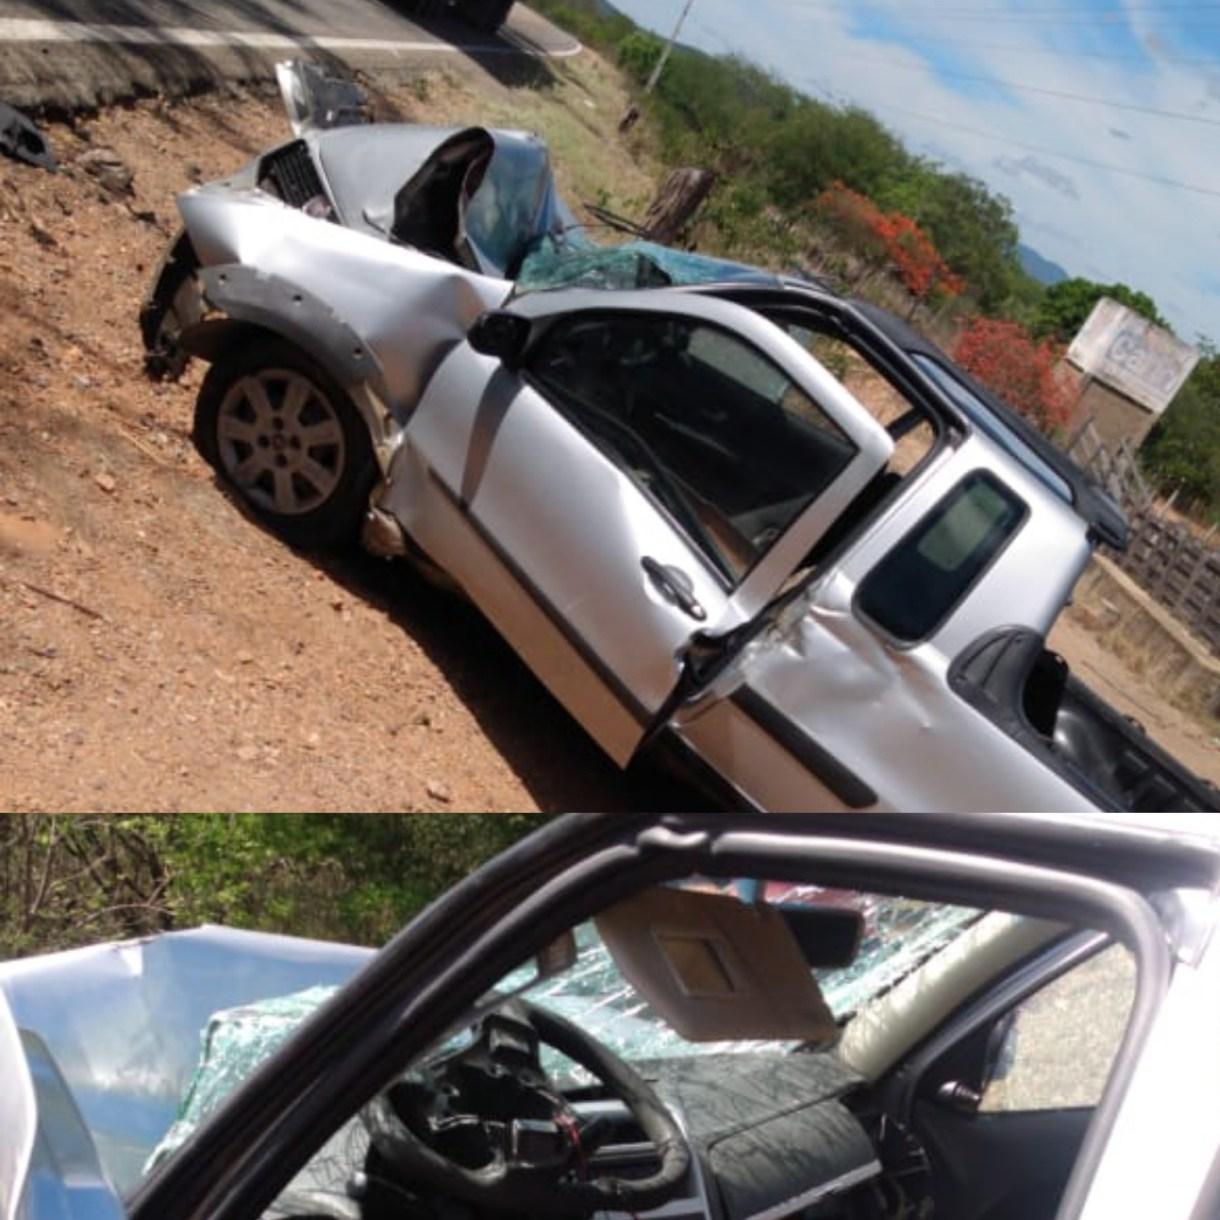 IMG_20201210_101555 Motorista perde controle de carro e colide com árvore em Monteiro